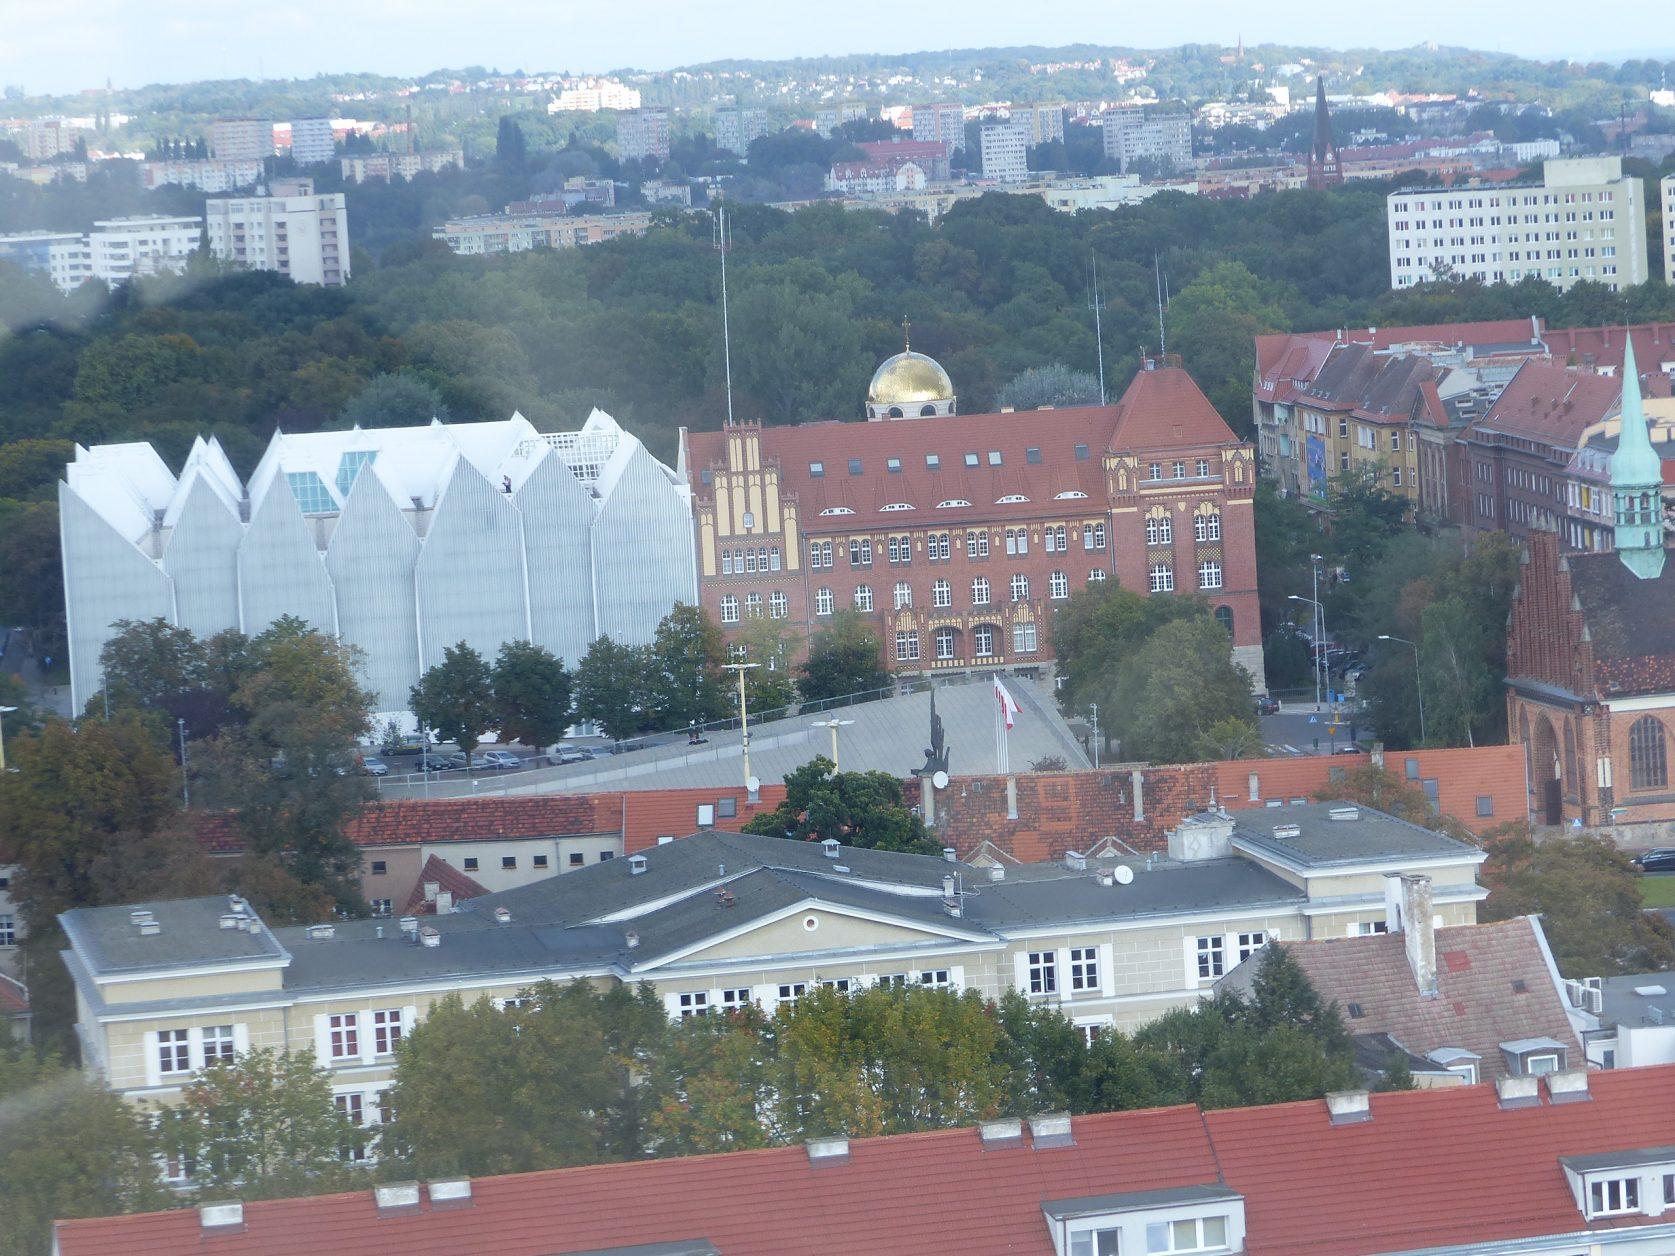 Blick auf die preisgekrönte Philharmonie in Stettin, Foto: Weirauch